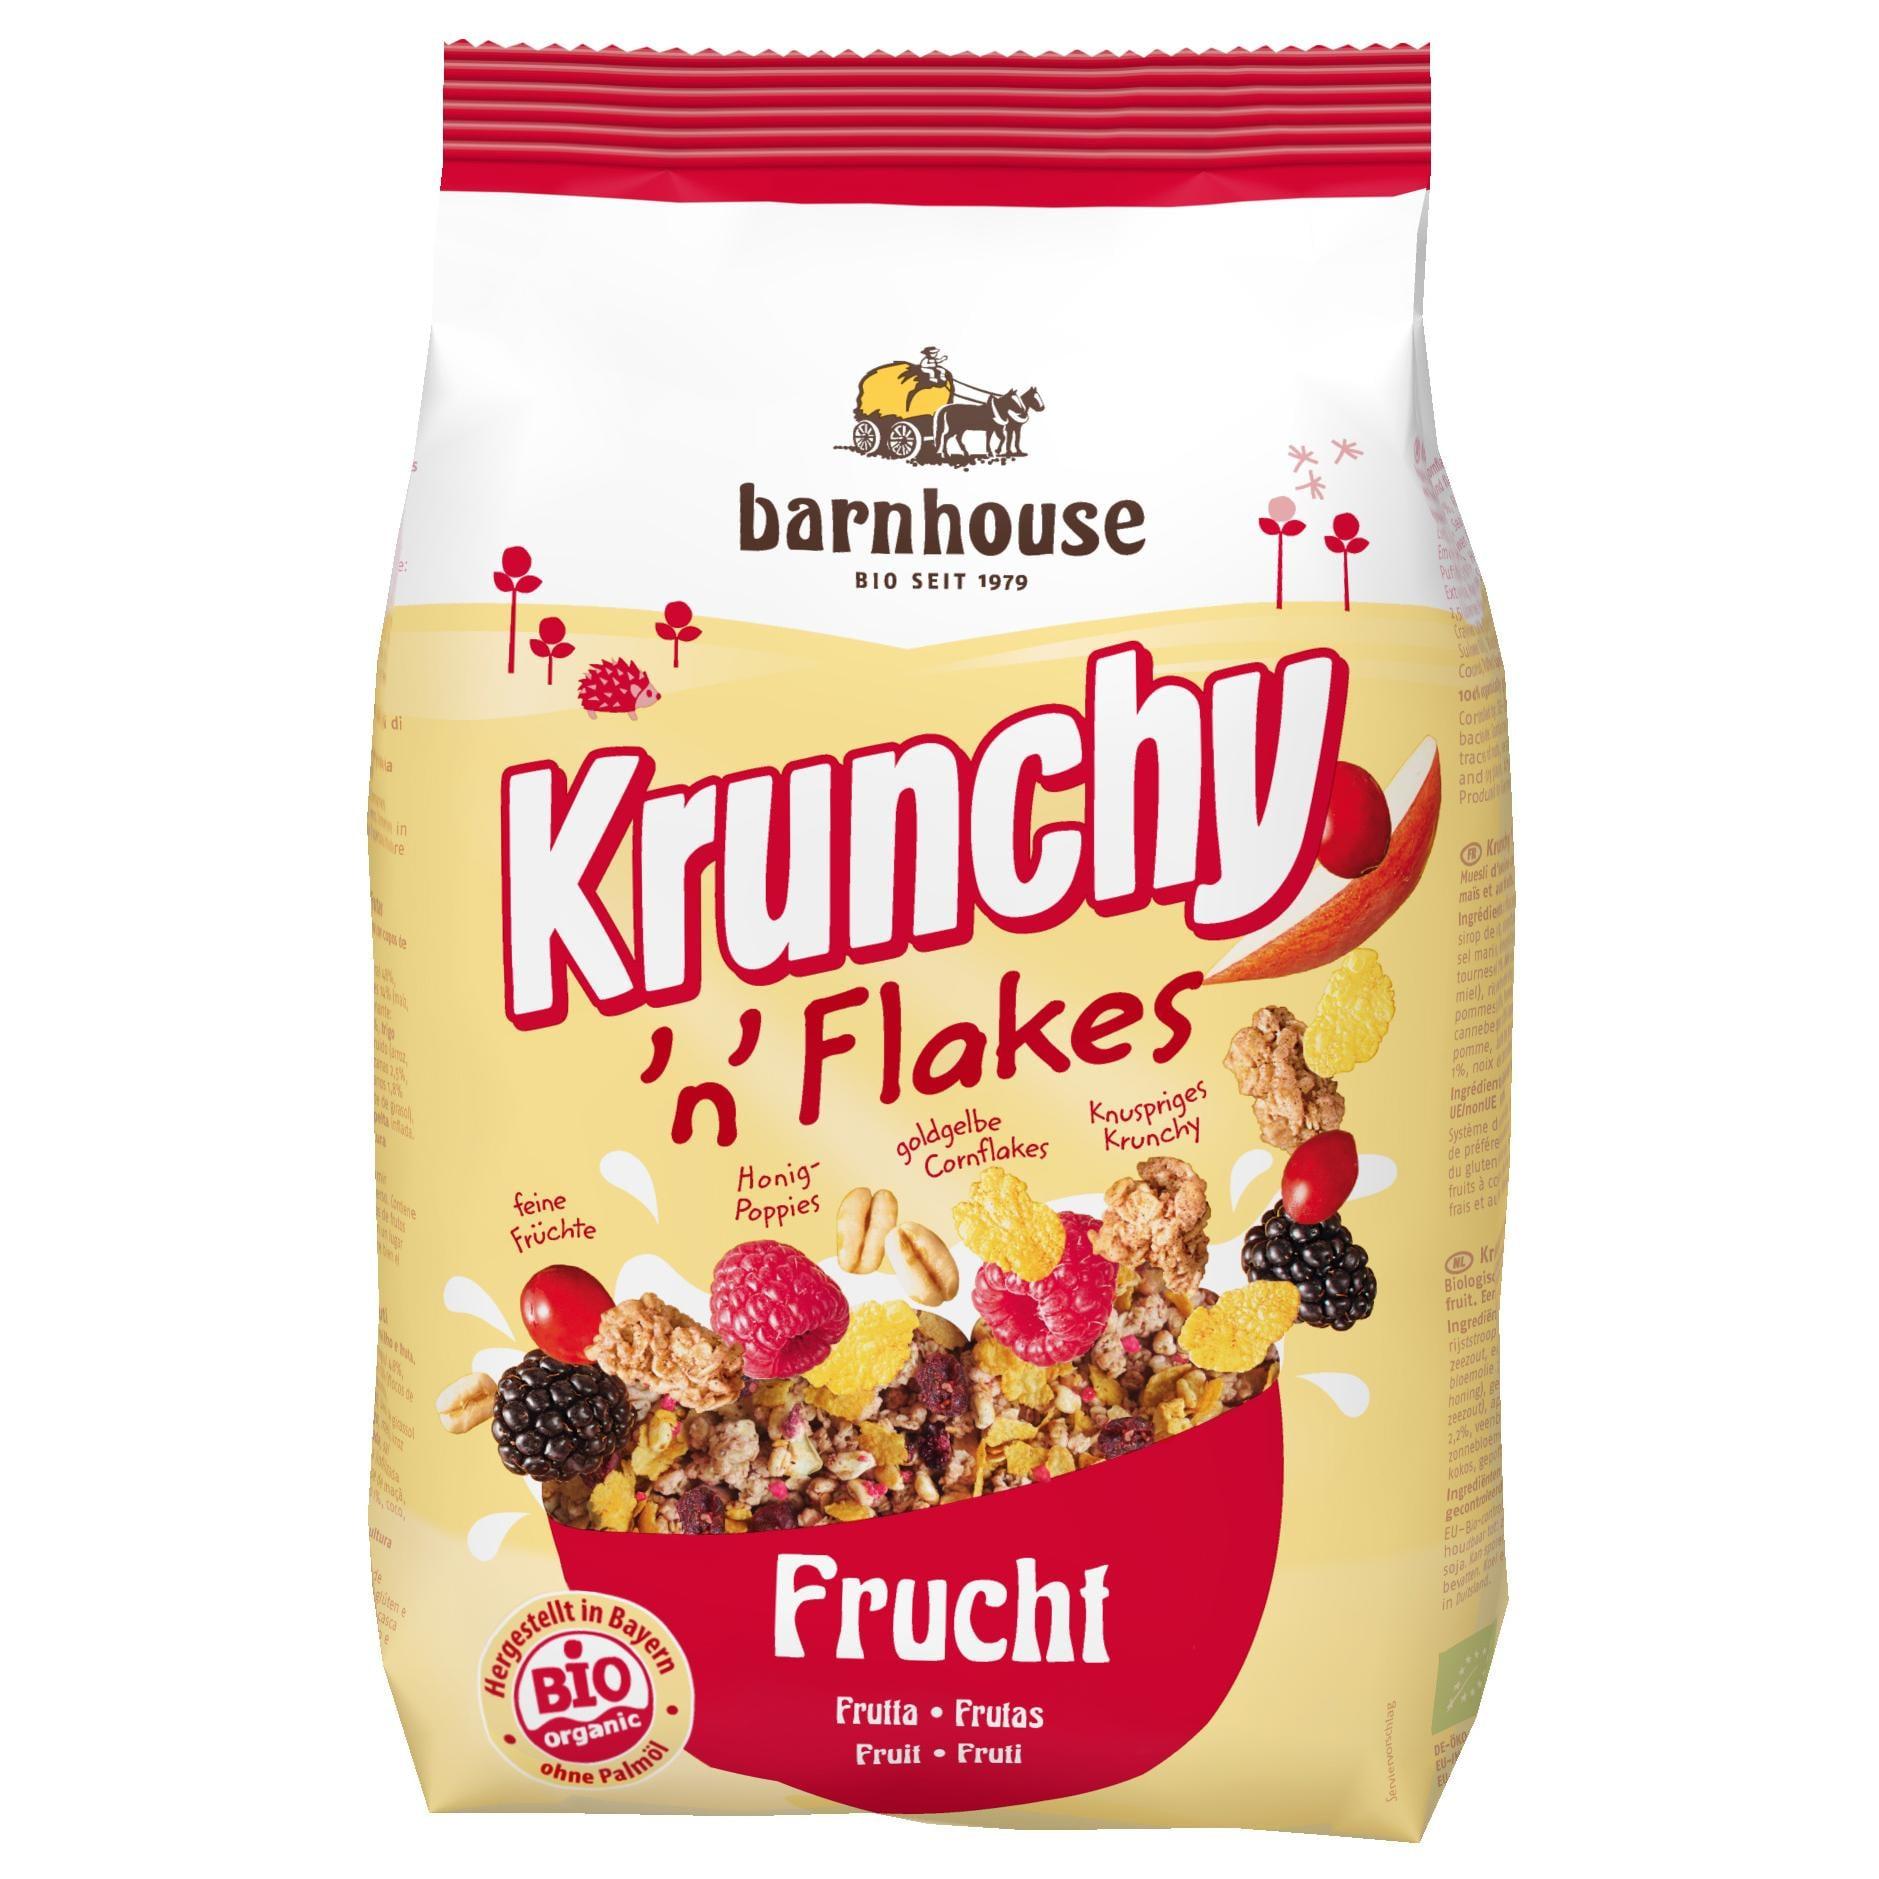 Barnhouse Bio Krunchy 'n' Flakes Frucht 375g